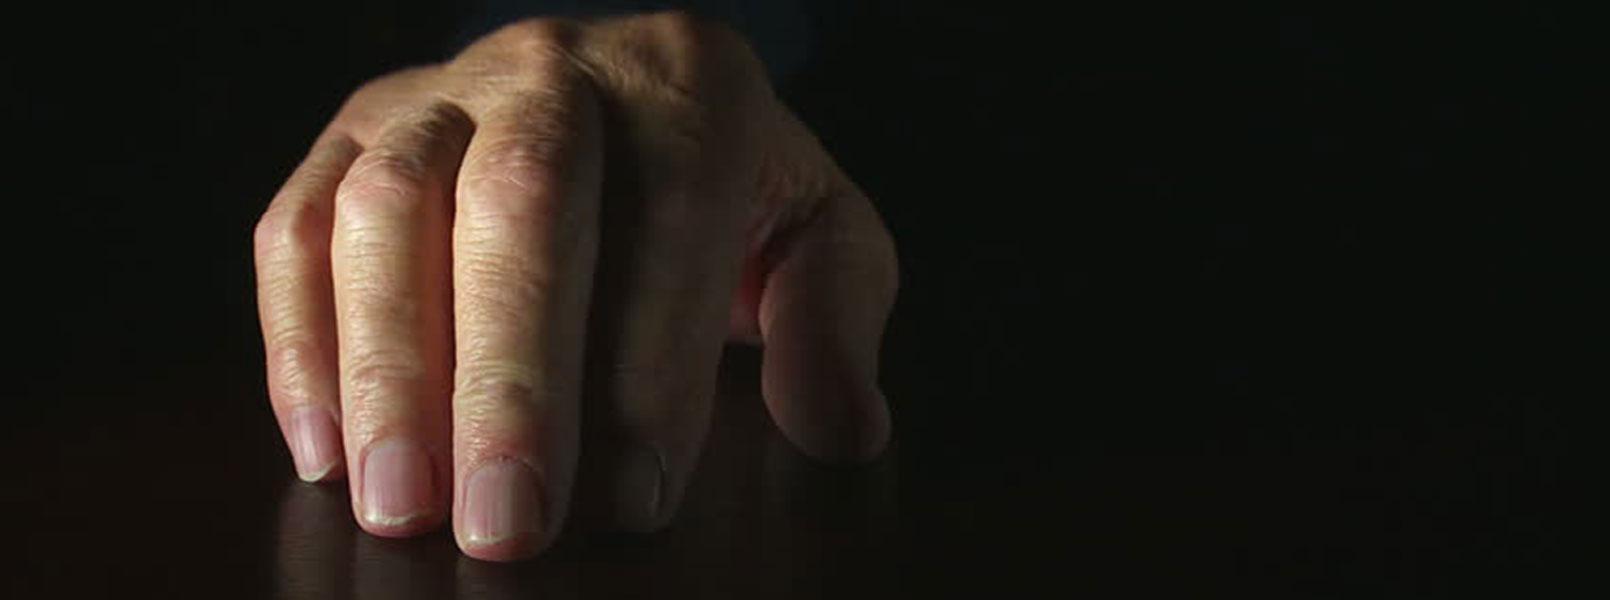 fingers_wide.jpg